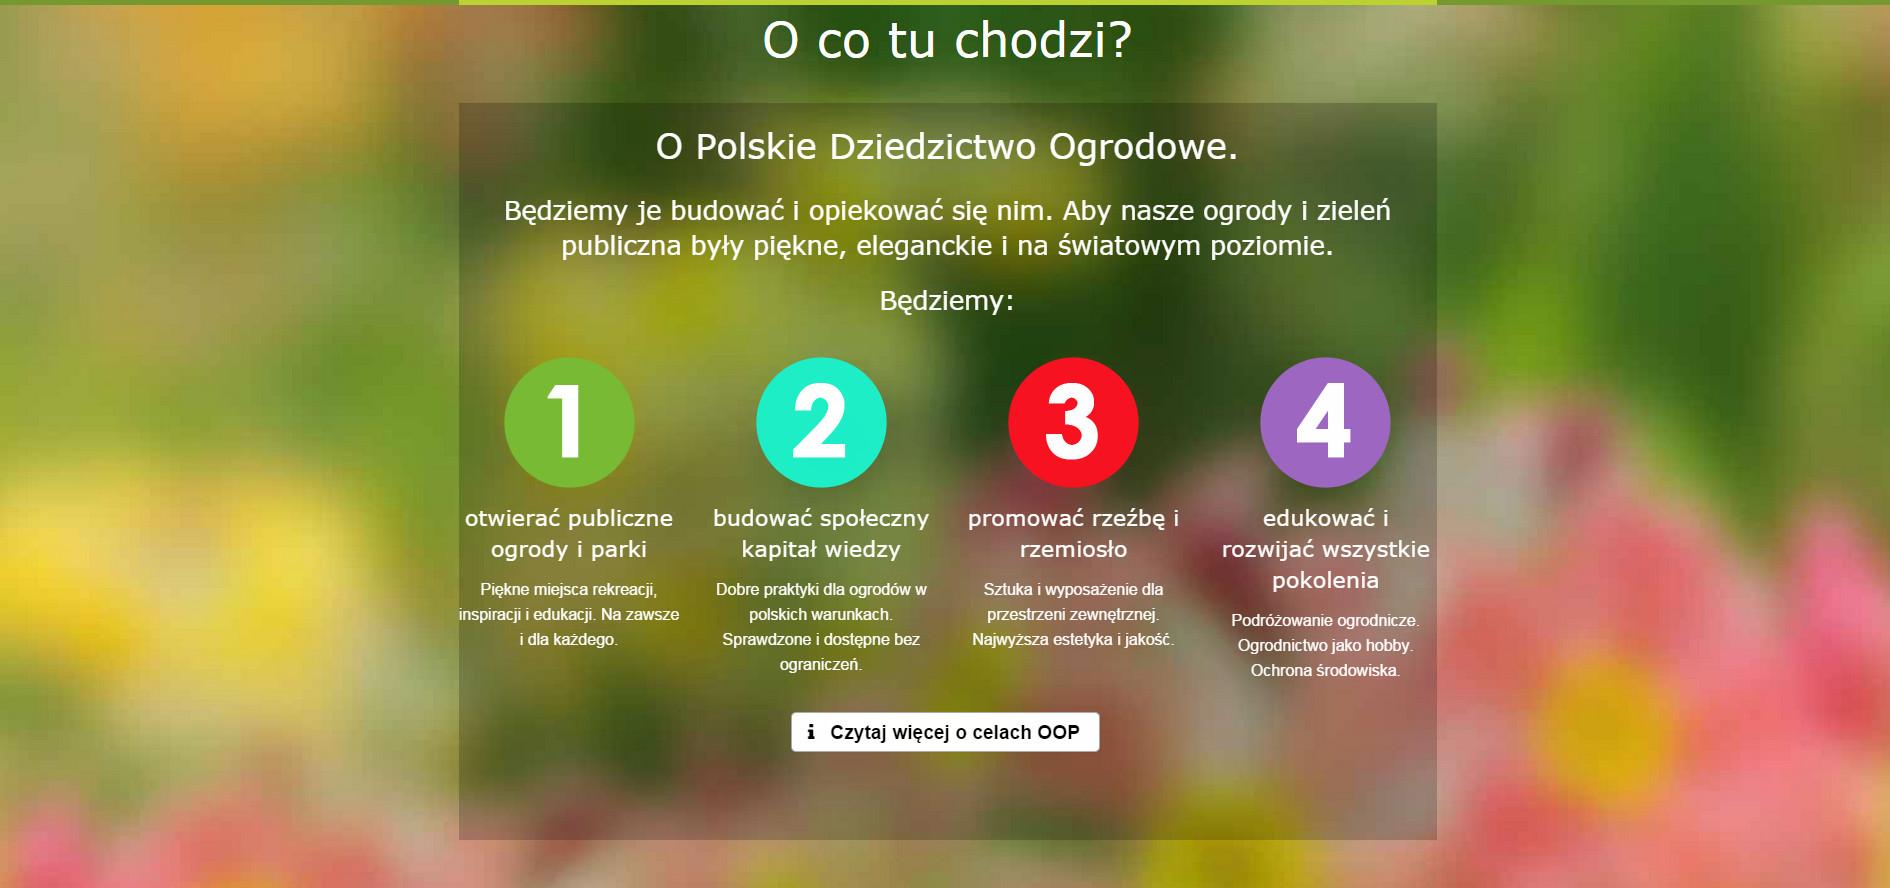 organizacja ogrodów polskich 2